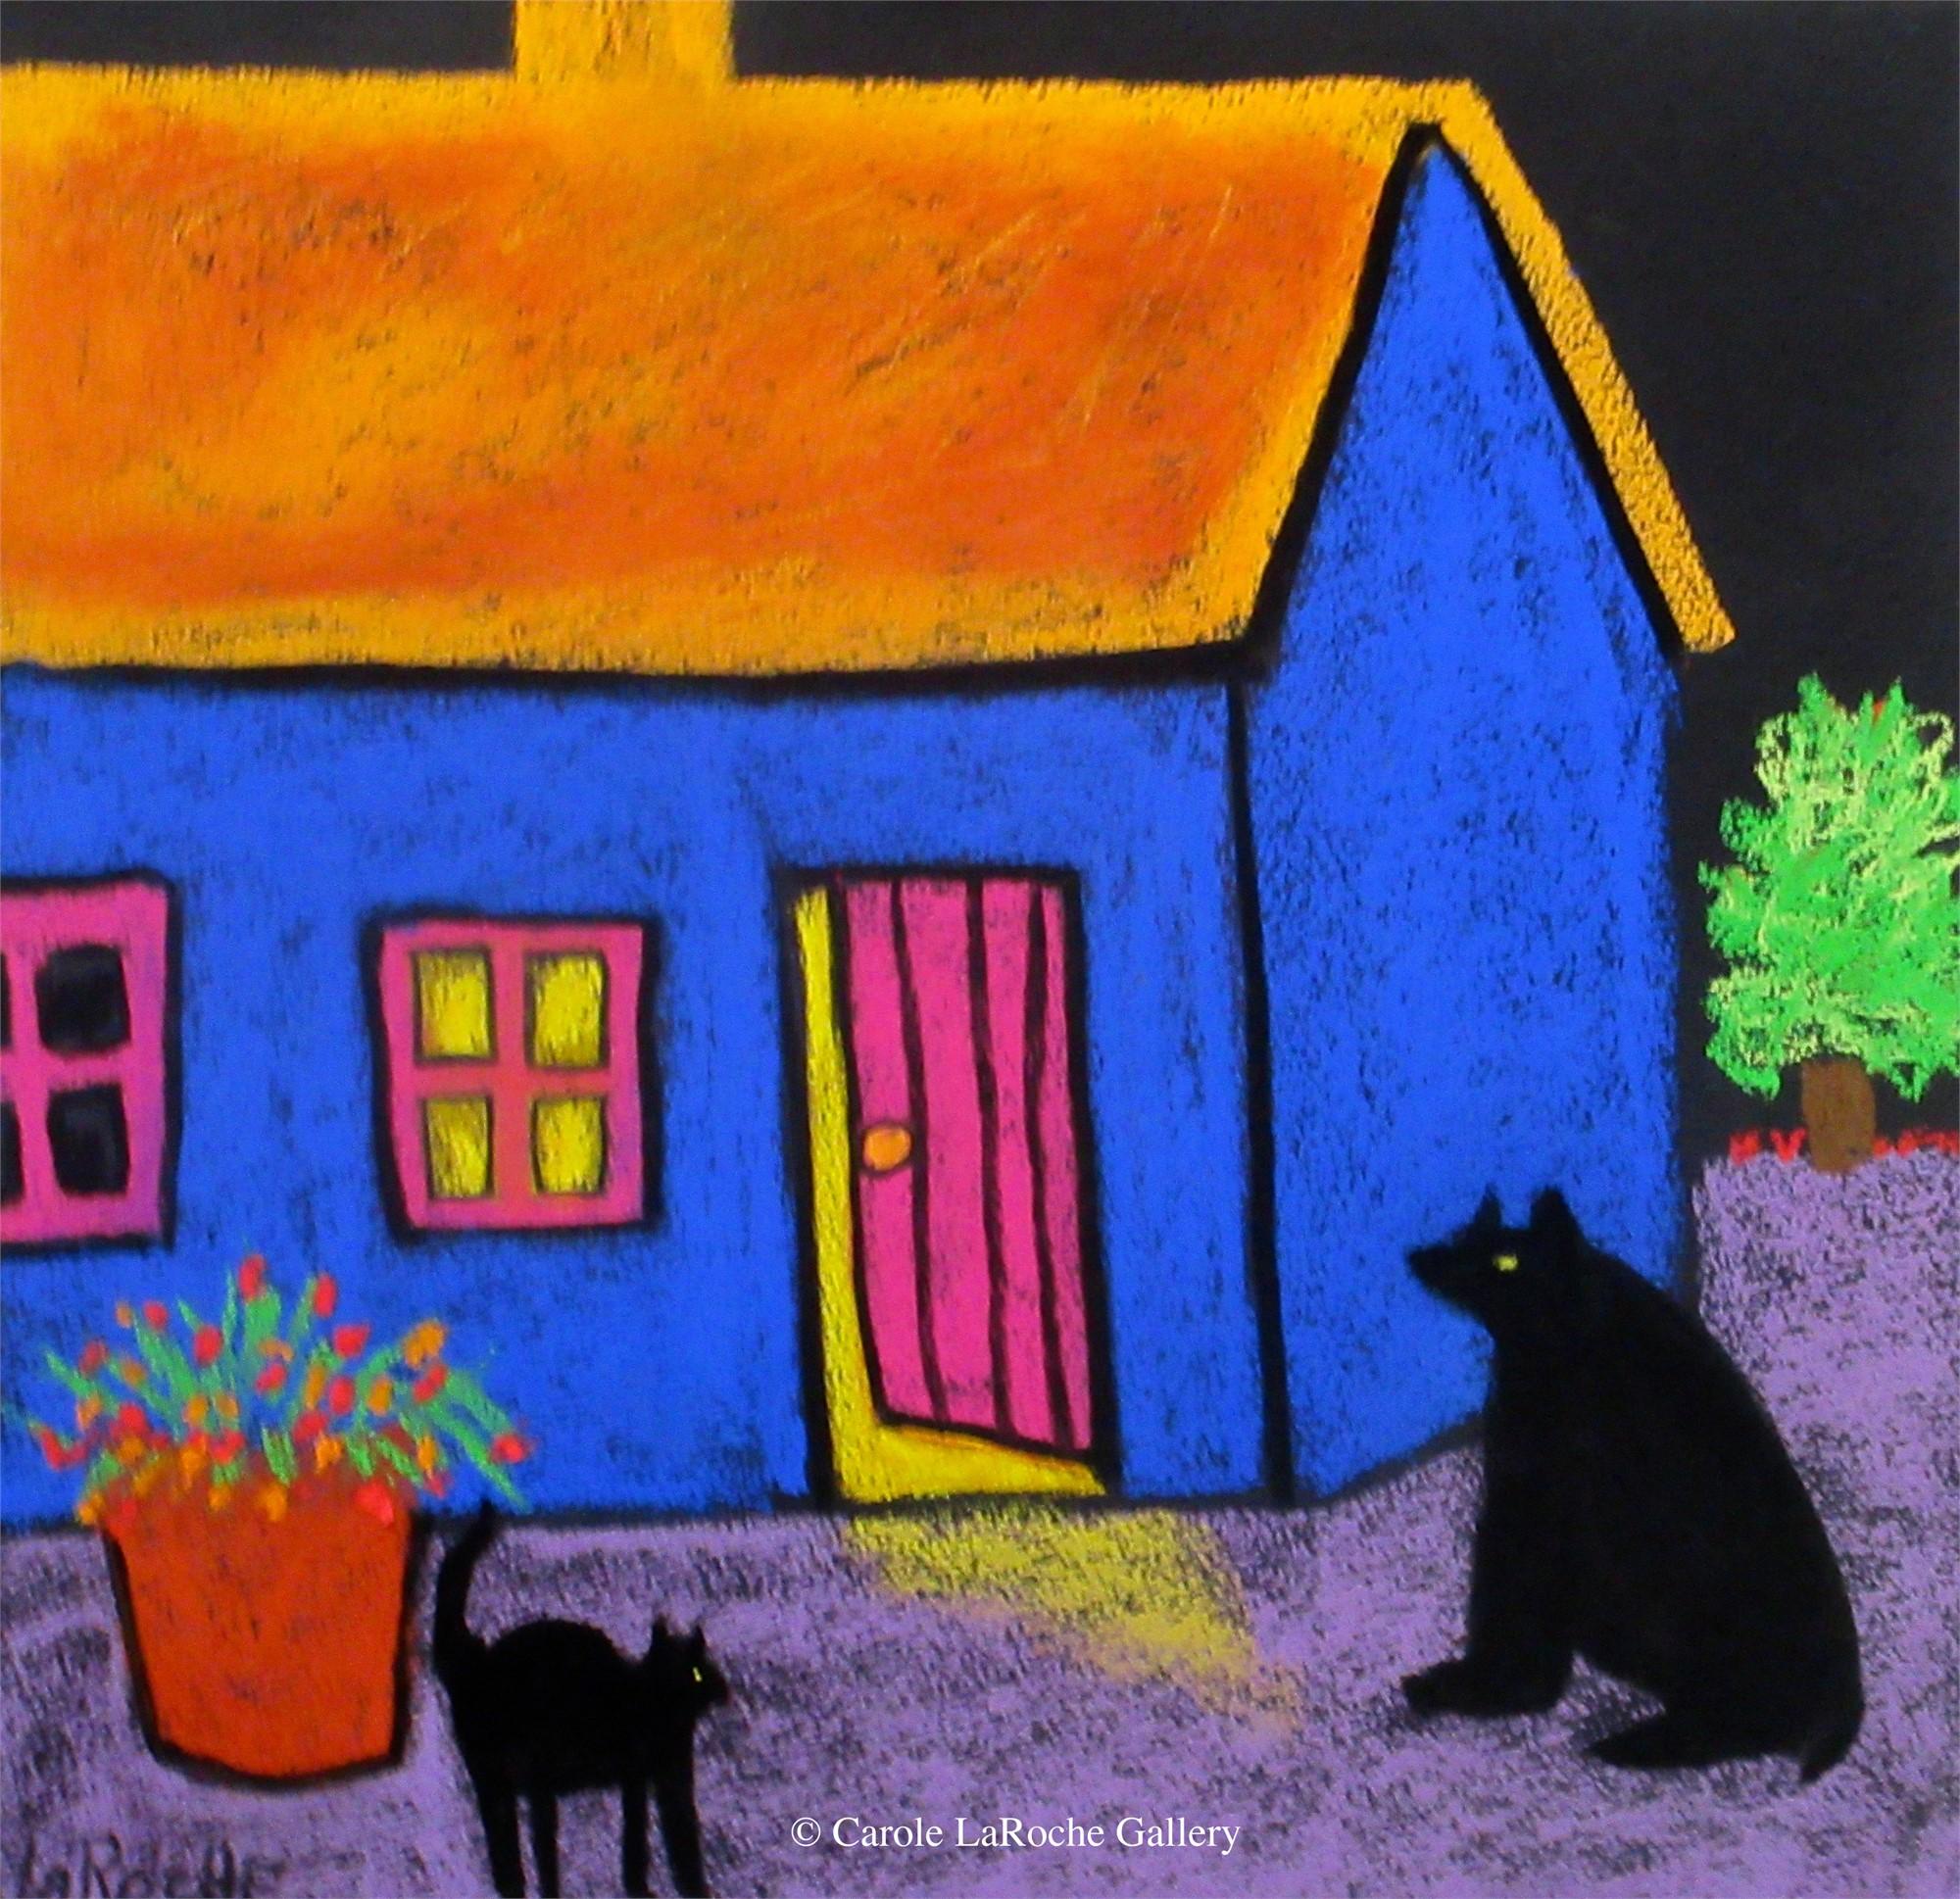 LITTLE HOUSE by Carole LaRoche